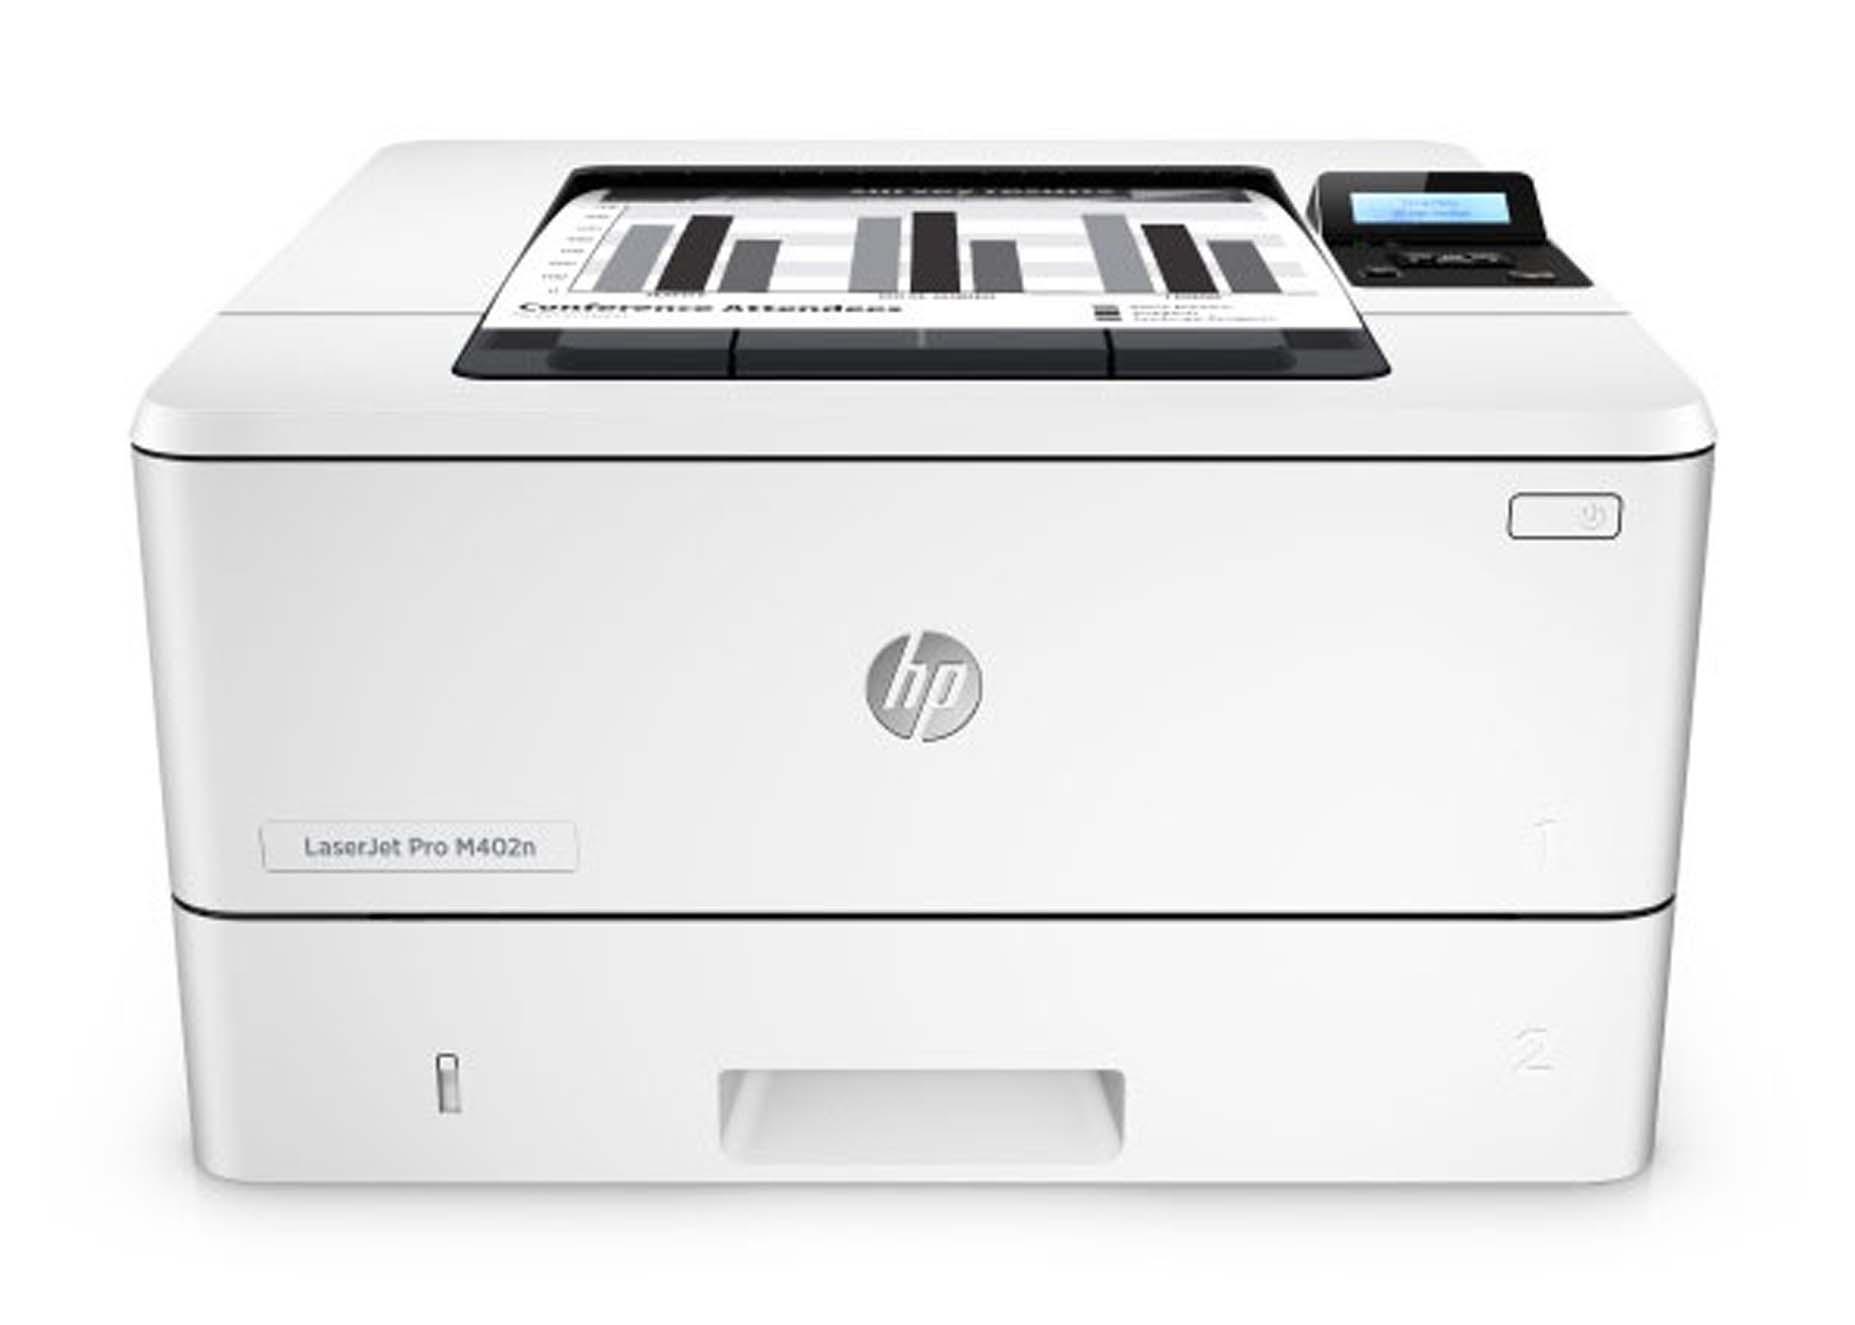 harga-hp-laserjet-pro-m402n-printer-blac